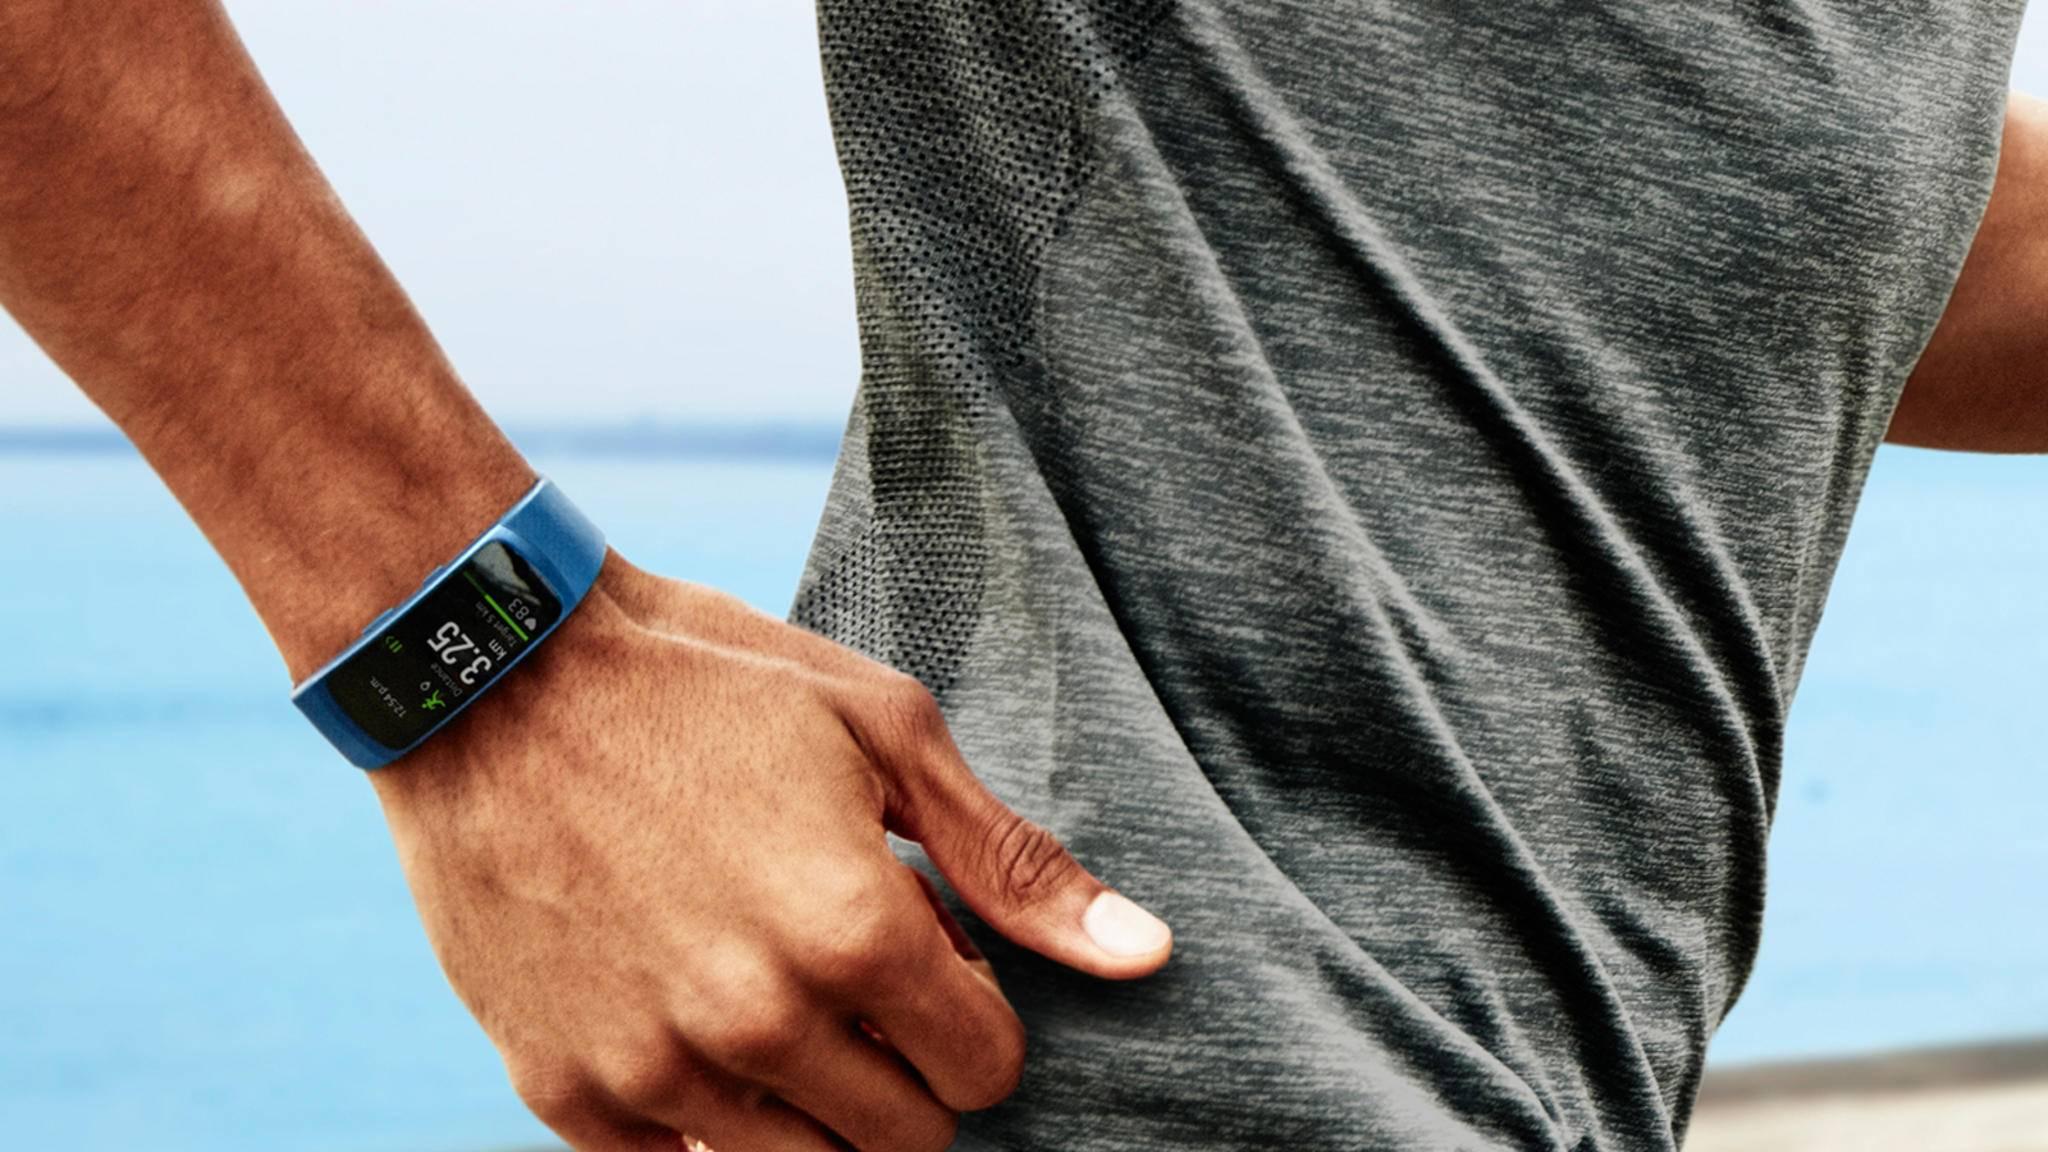 Mit der Samsung Gear Fit 2 Pro werden wohl auch heftigere Workouts problemlos möglich sein.